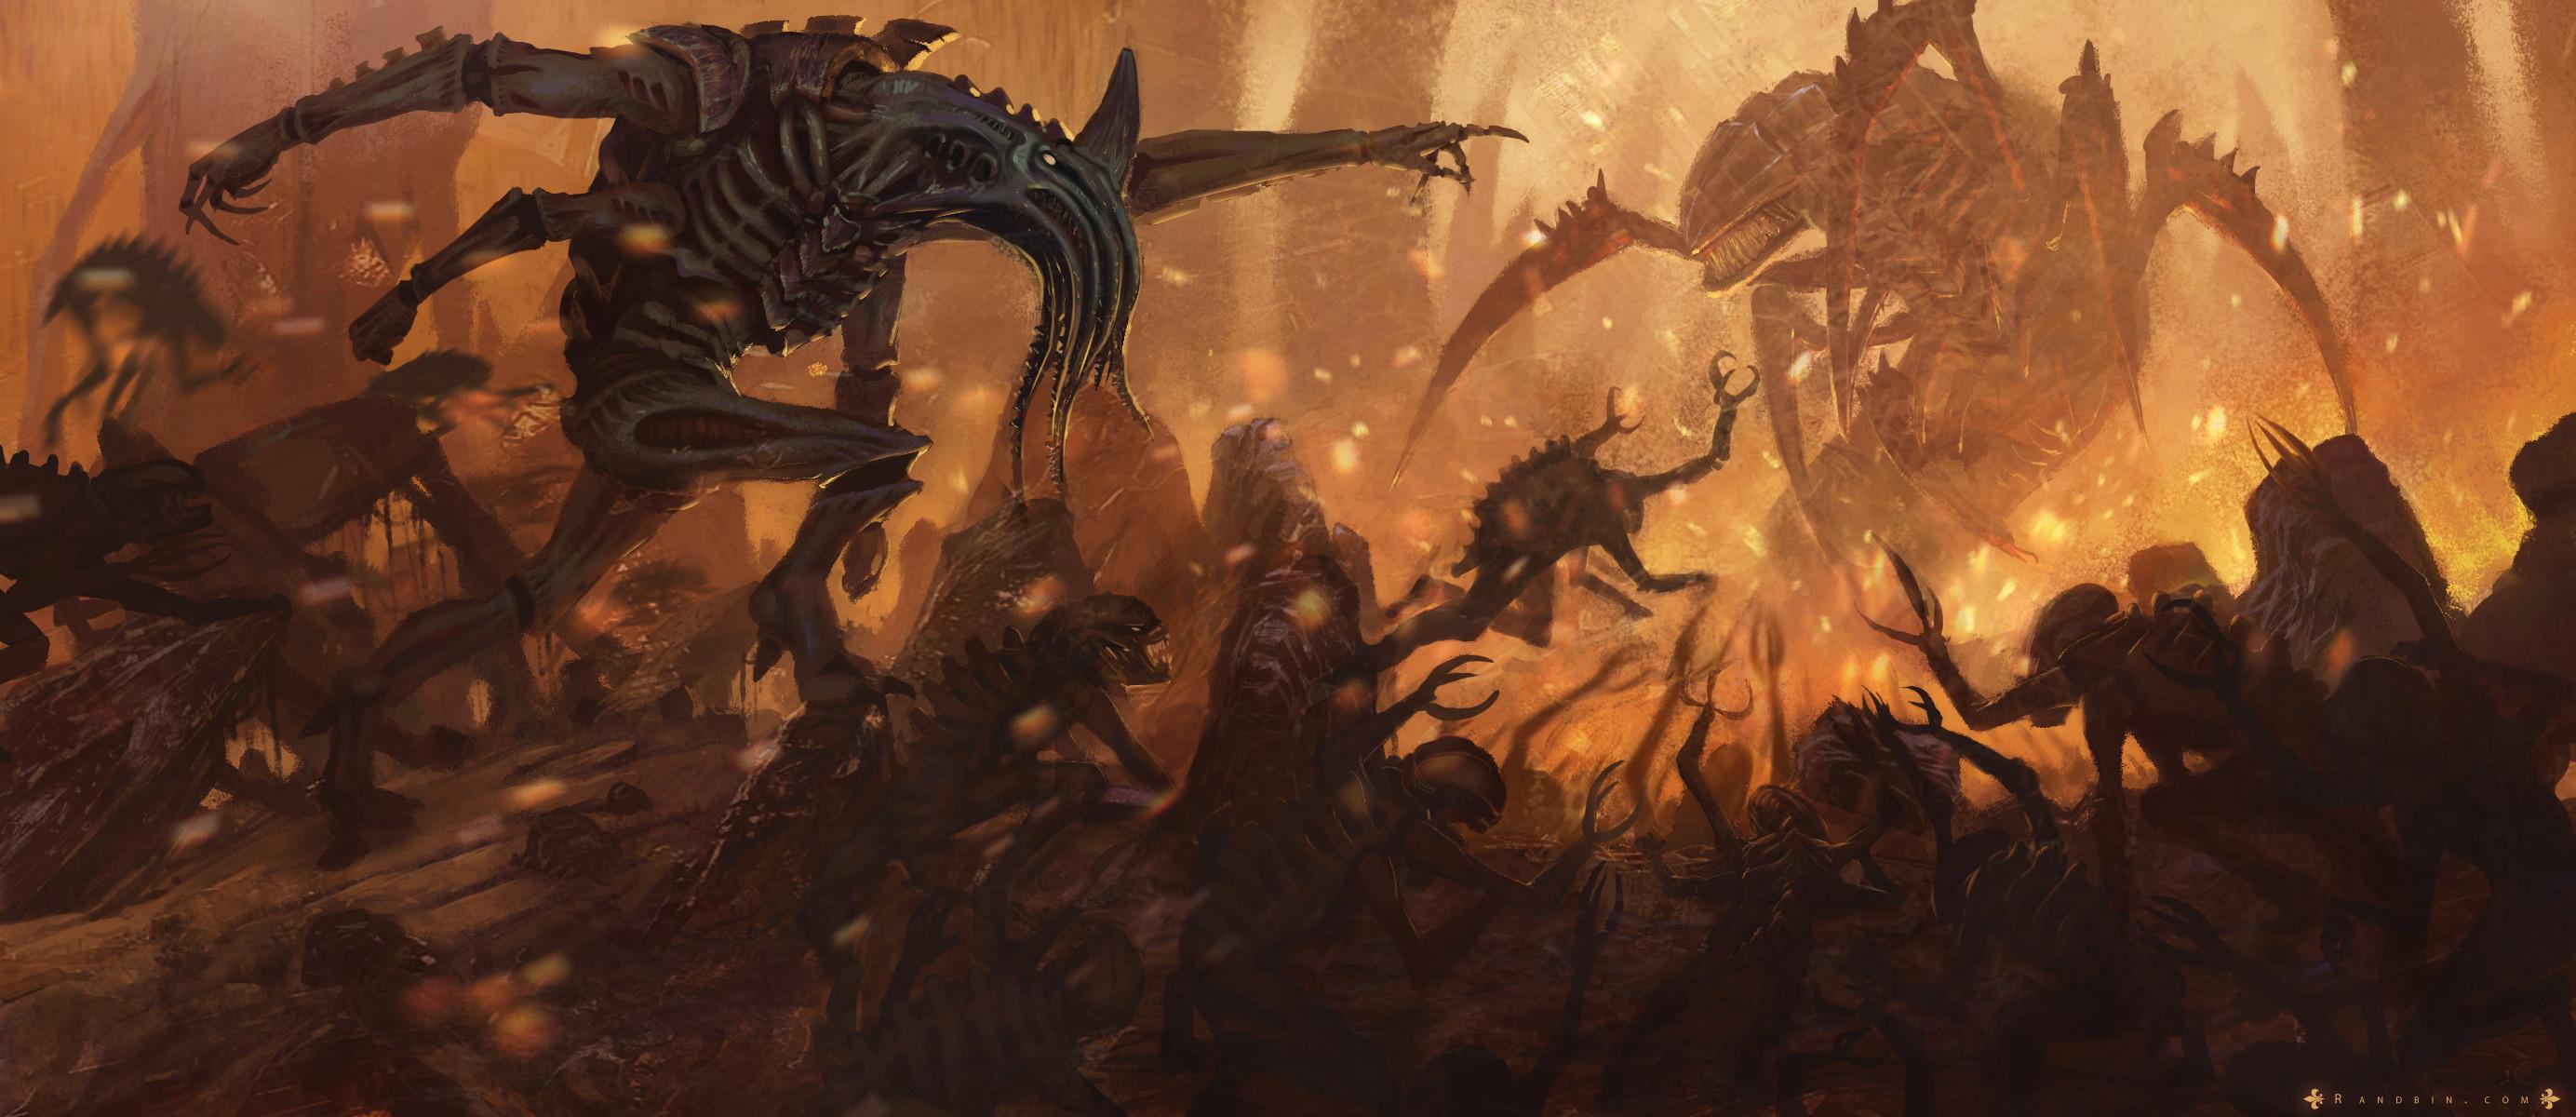 genestealer_2768x1200.jpg (2768×1200) | What a Beaut | Pinterest | Warhammer  40k, Warhammer 40K and Tyranids